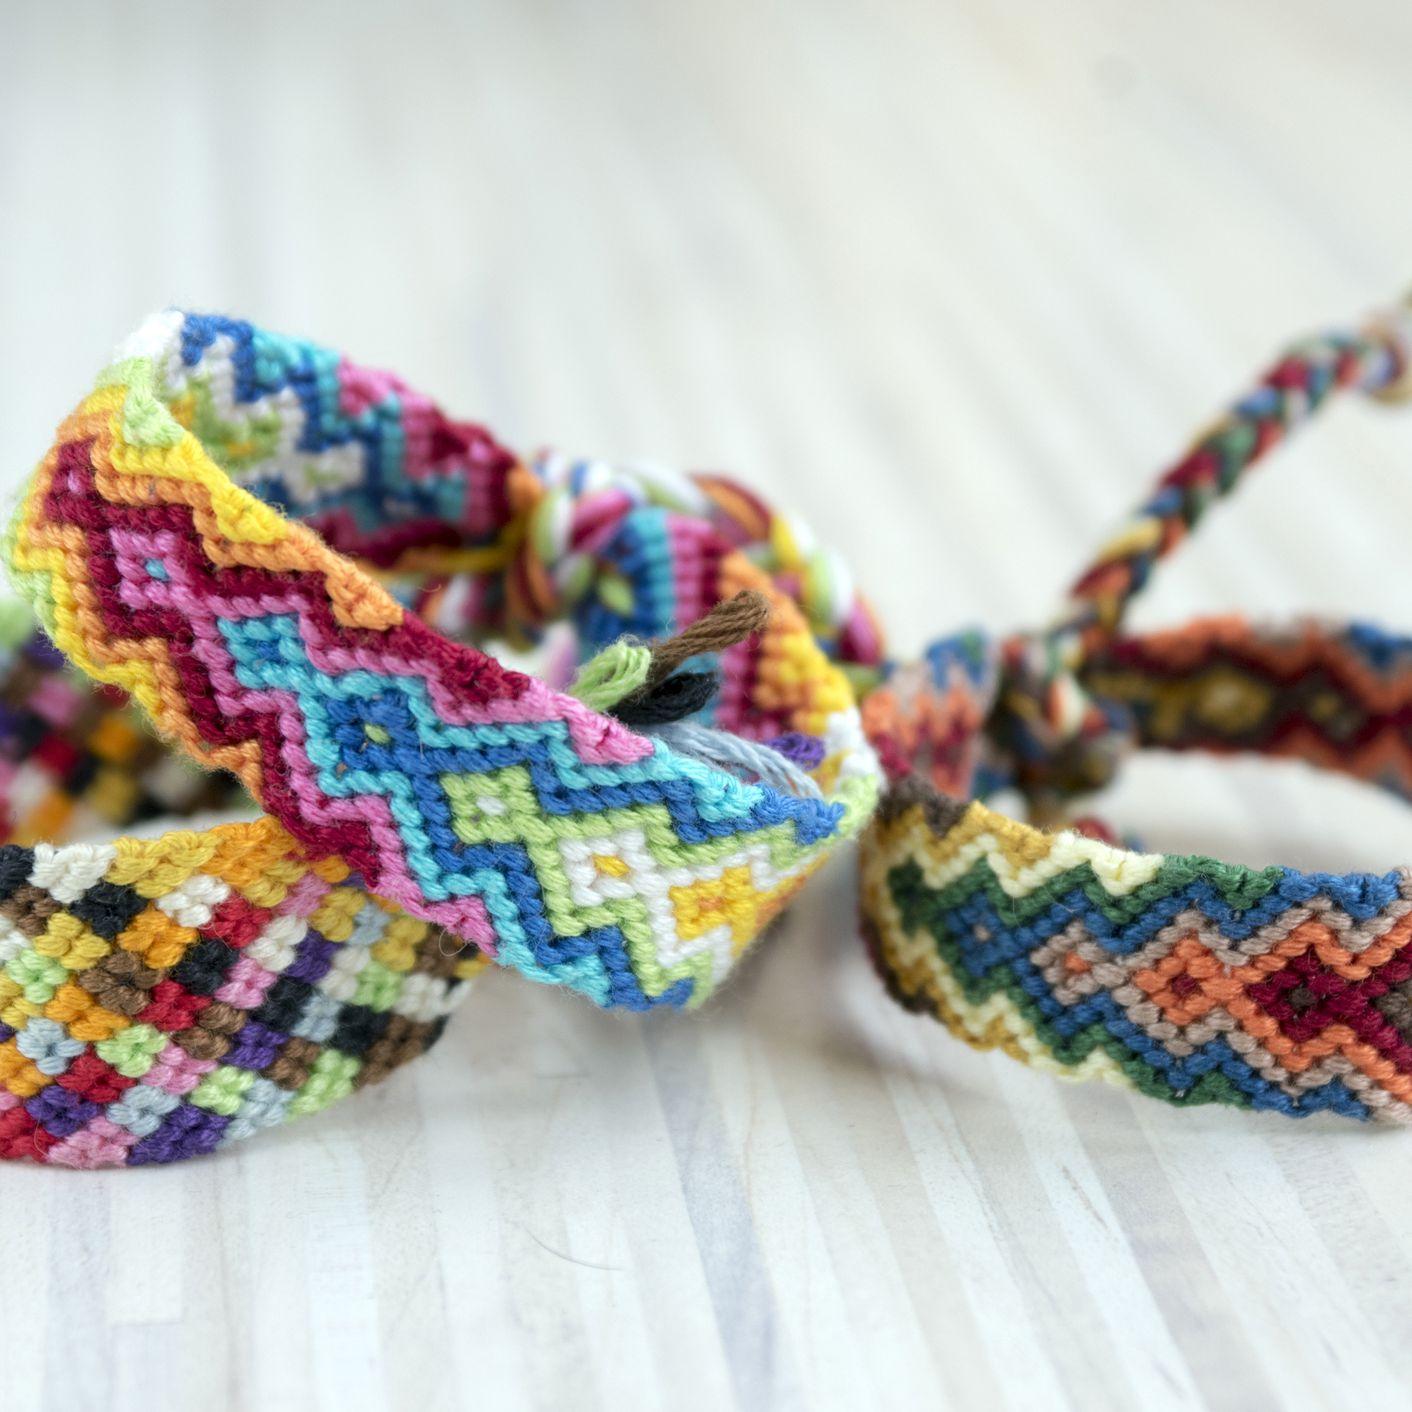 17 Friendship Bracelet Patterns